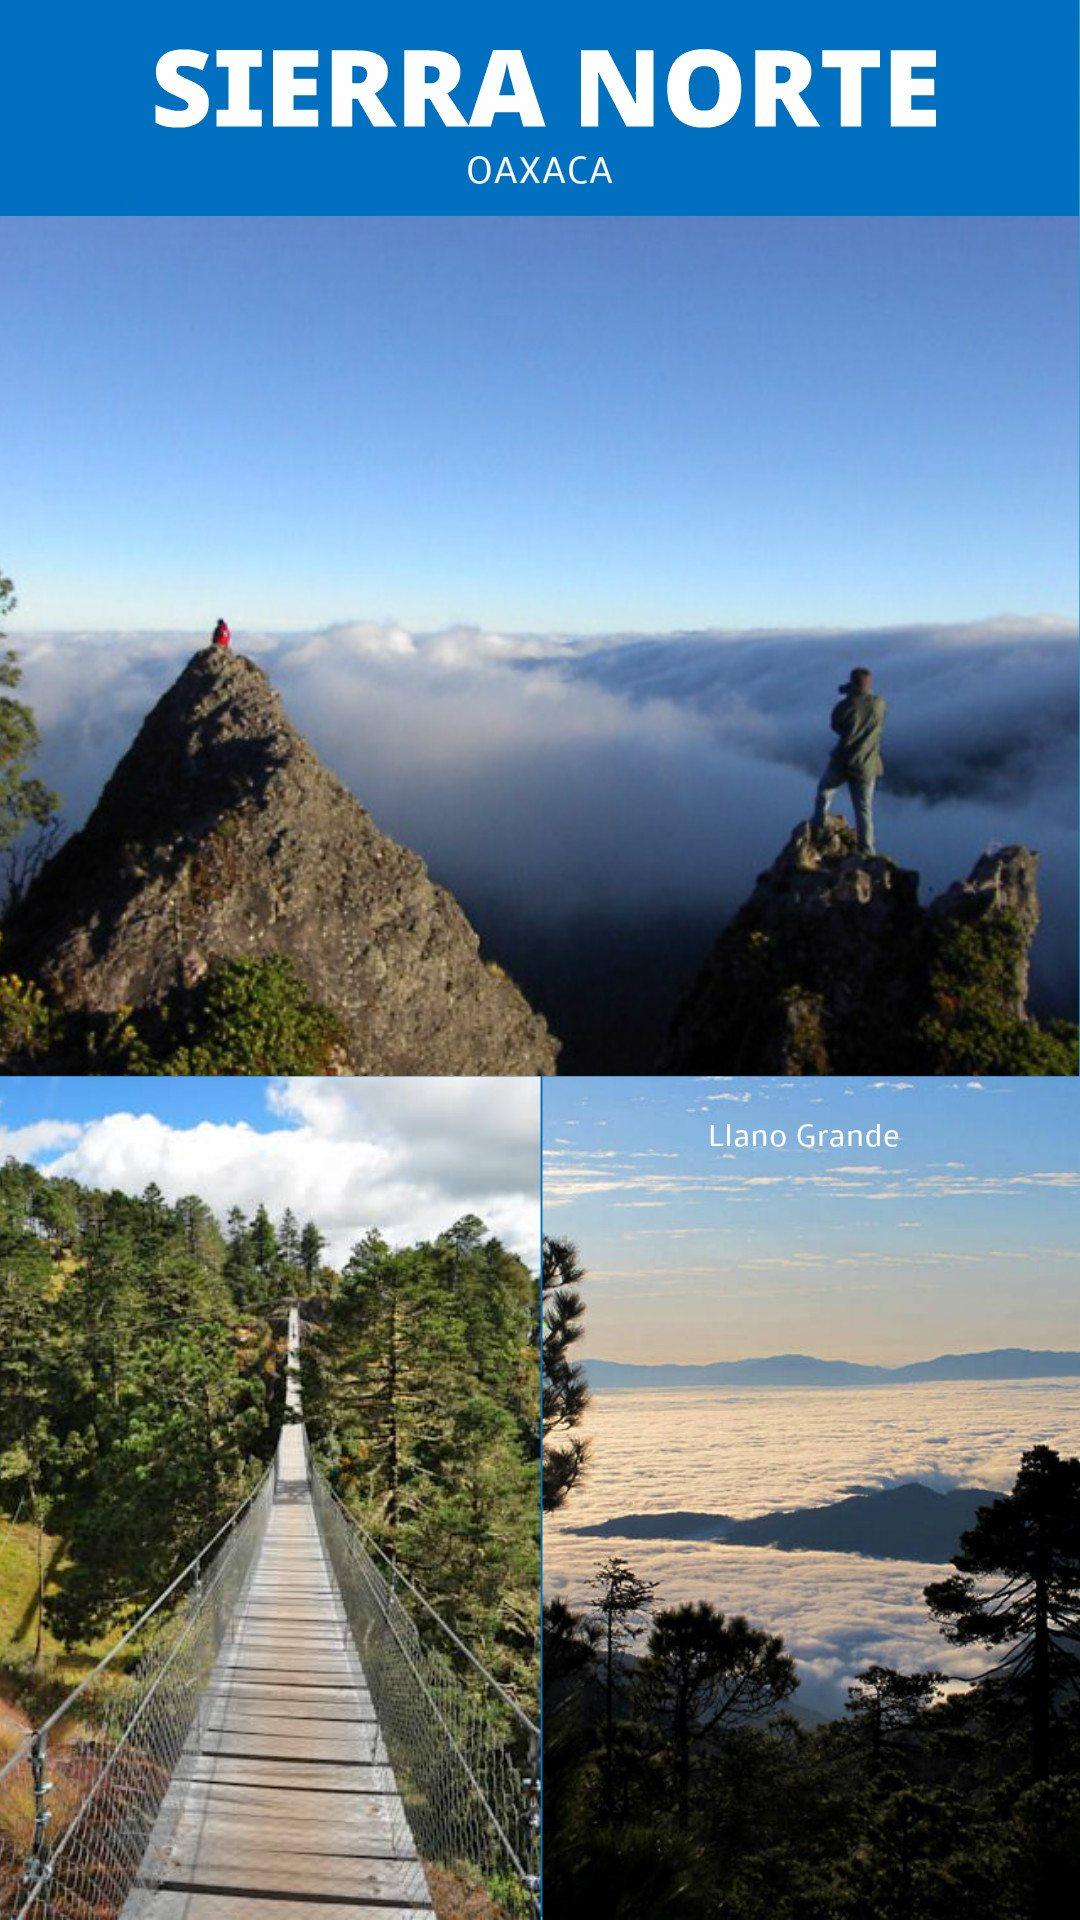 sierra norte ecotourisme oaxaca que faire a oaxaca